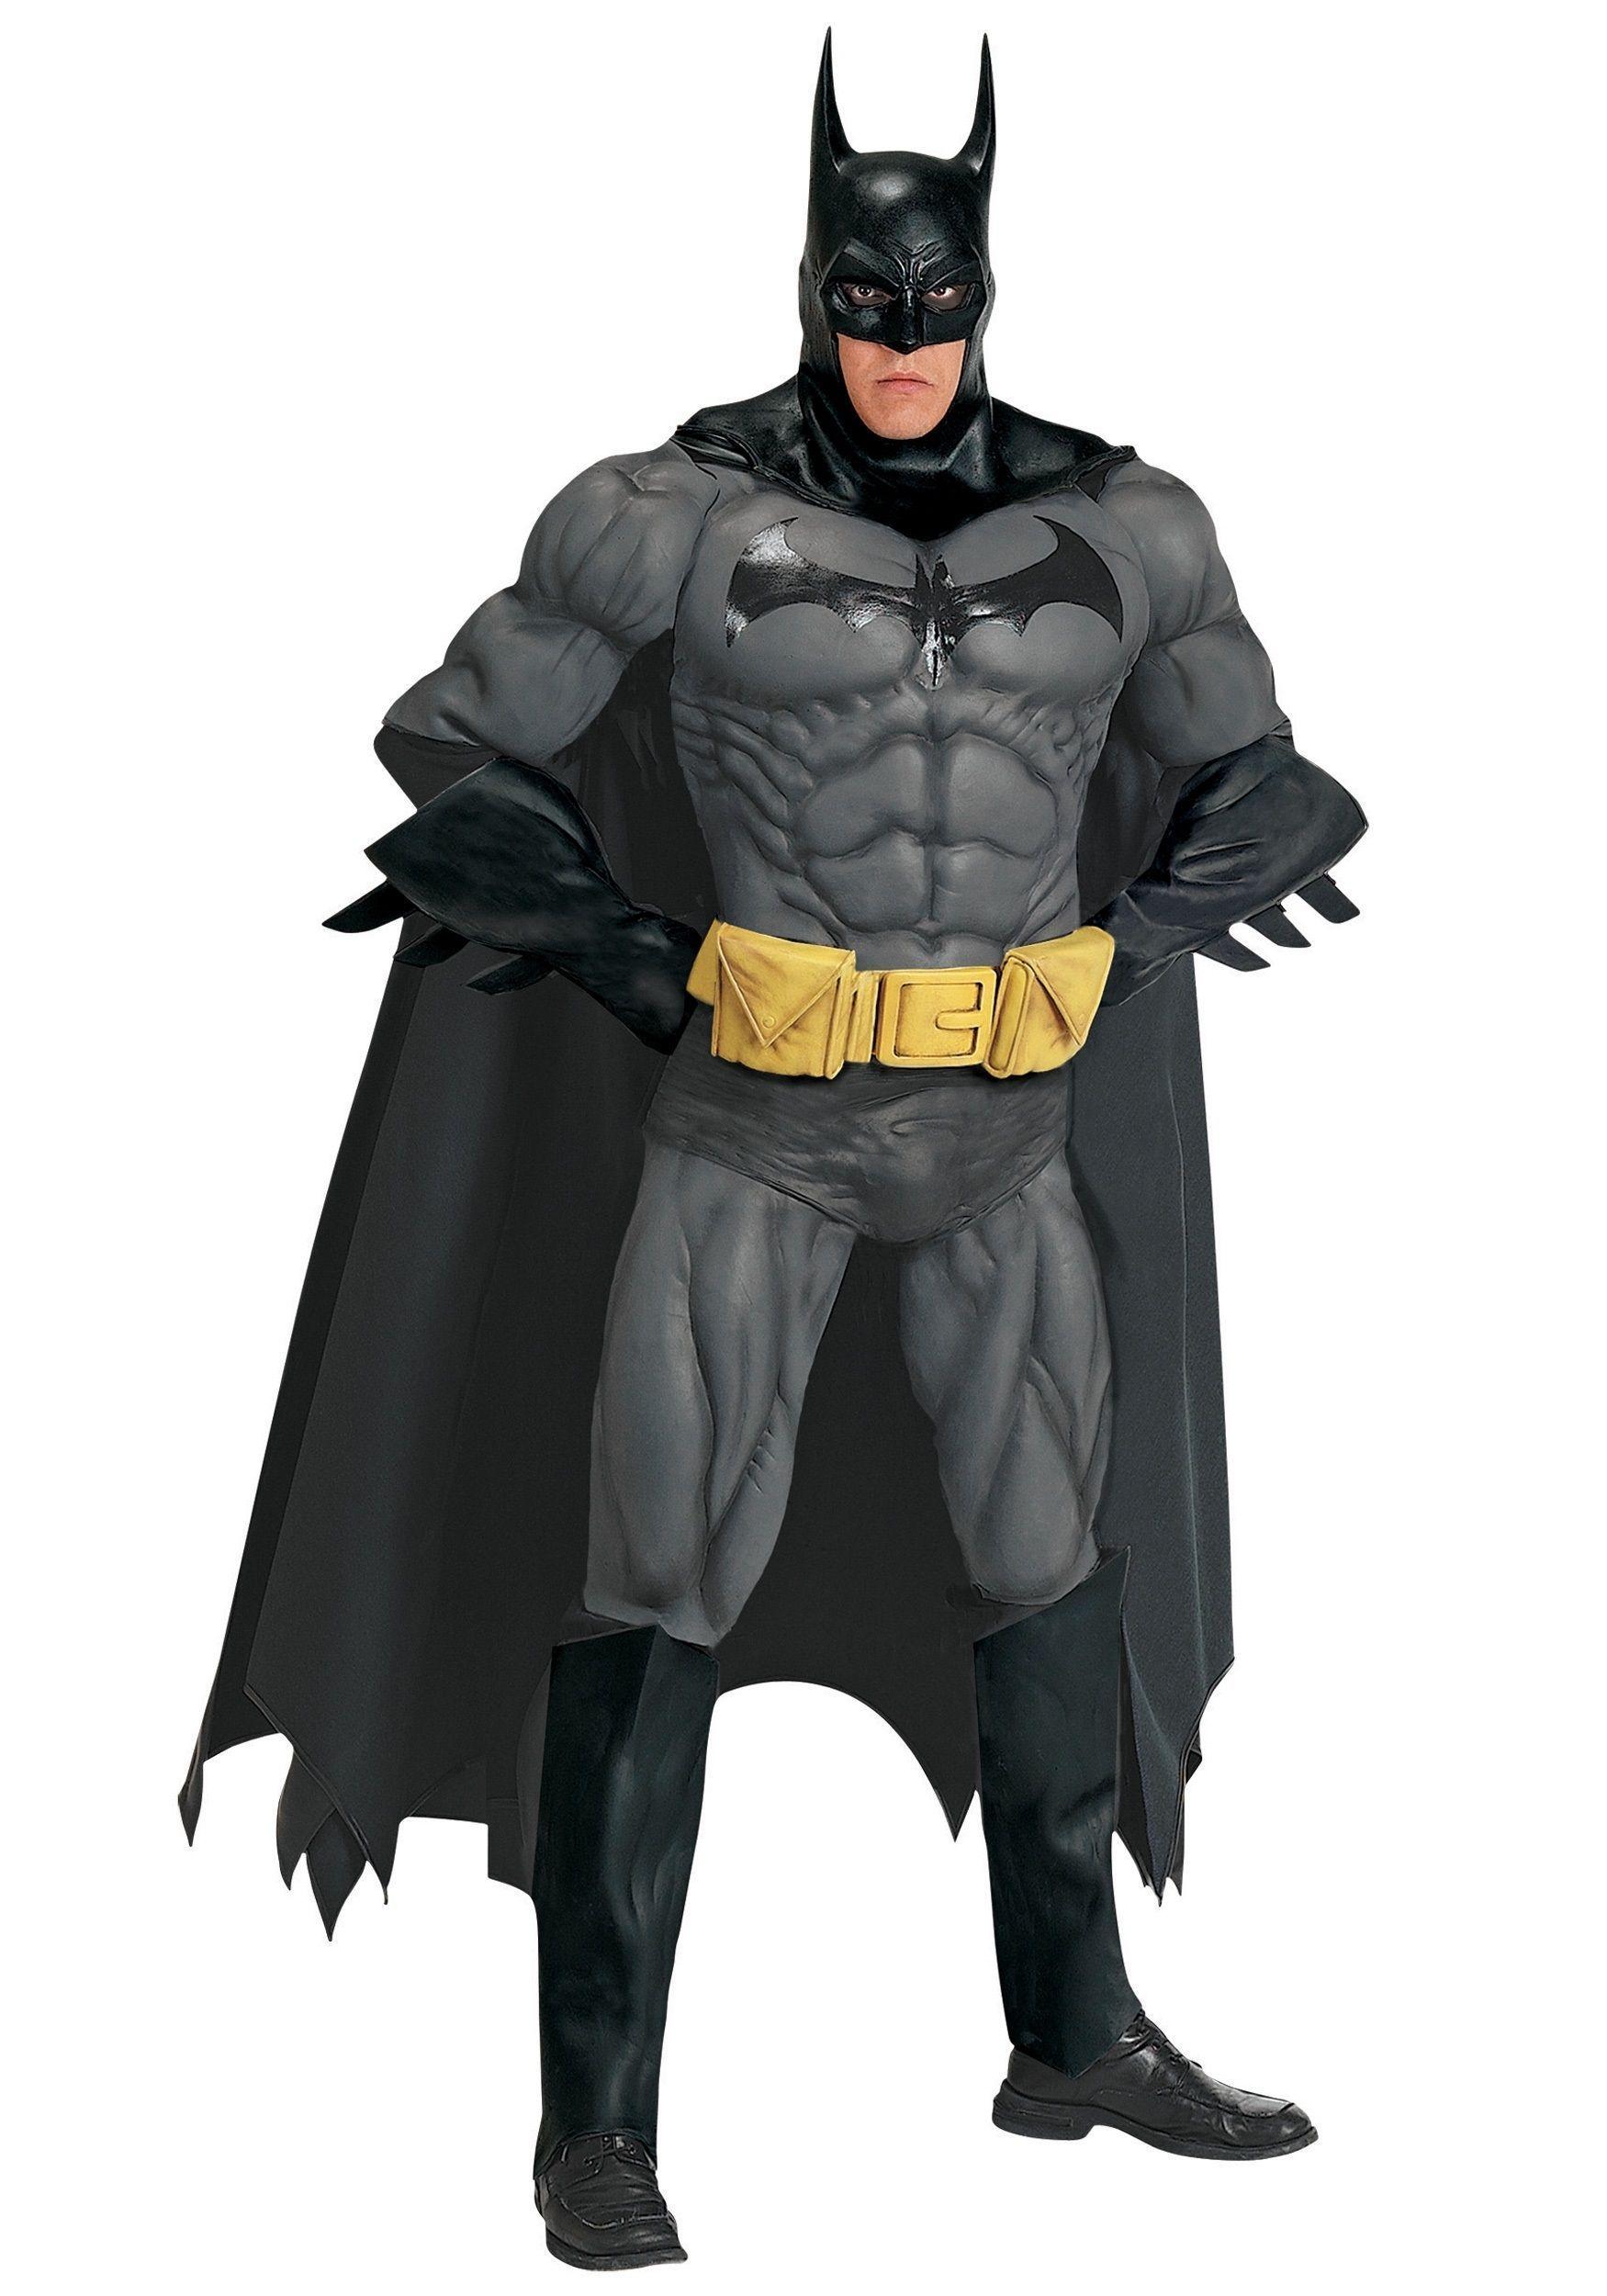 Костюм бэтмен для мальчика своими руками фото фото 429